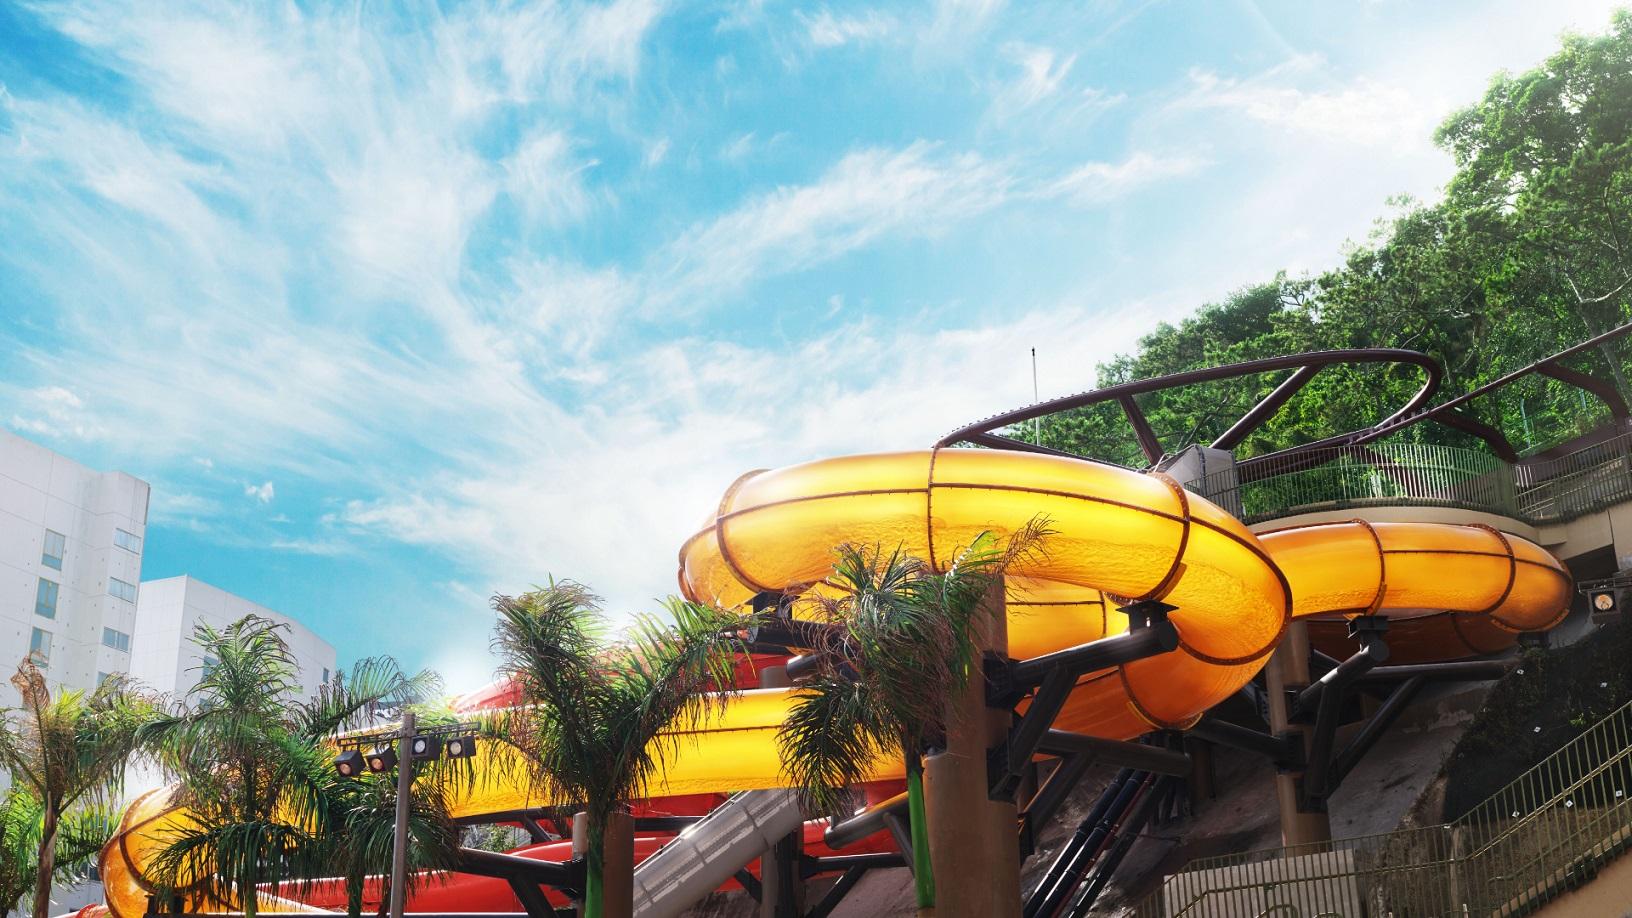 Hong Kong Theme Parks